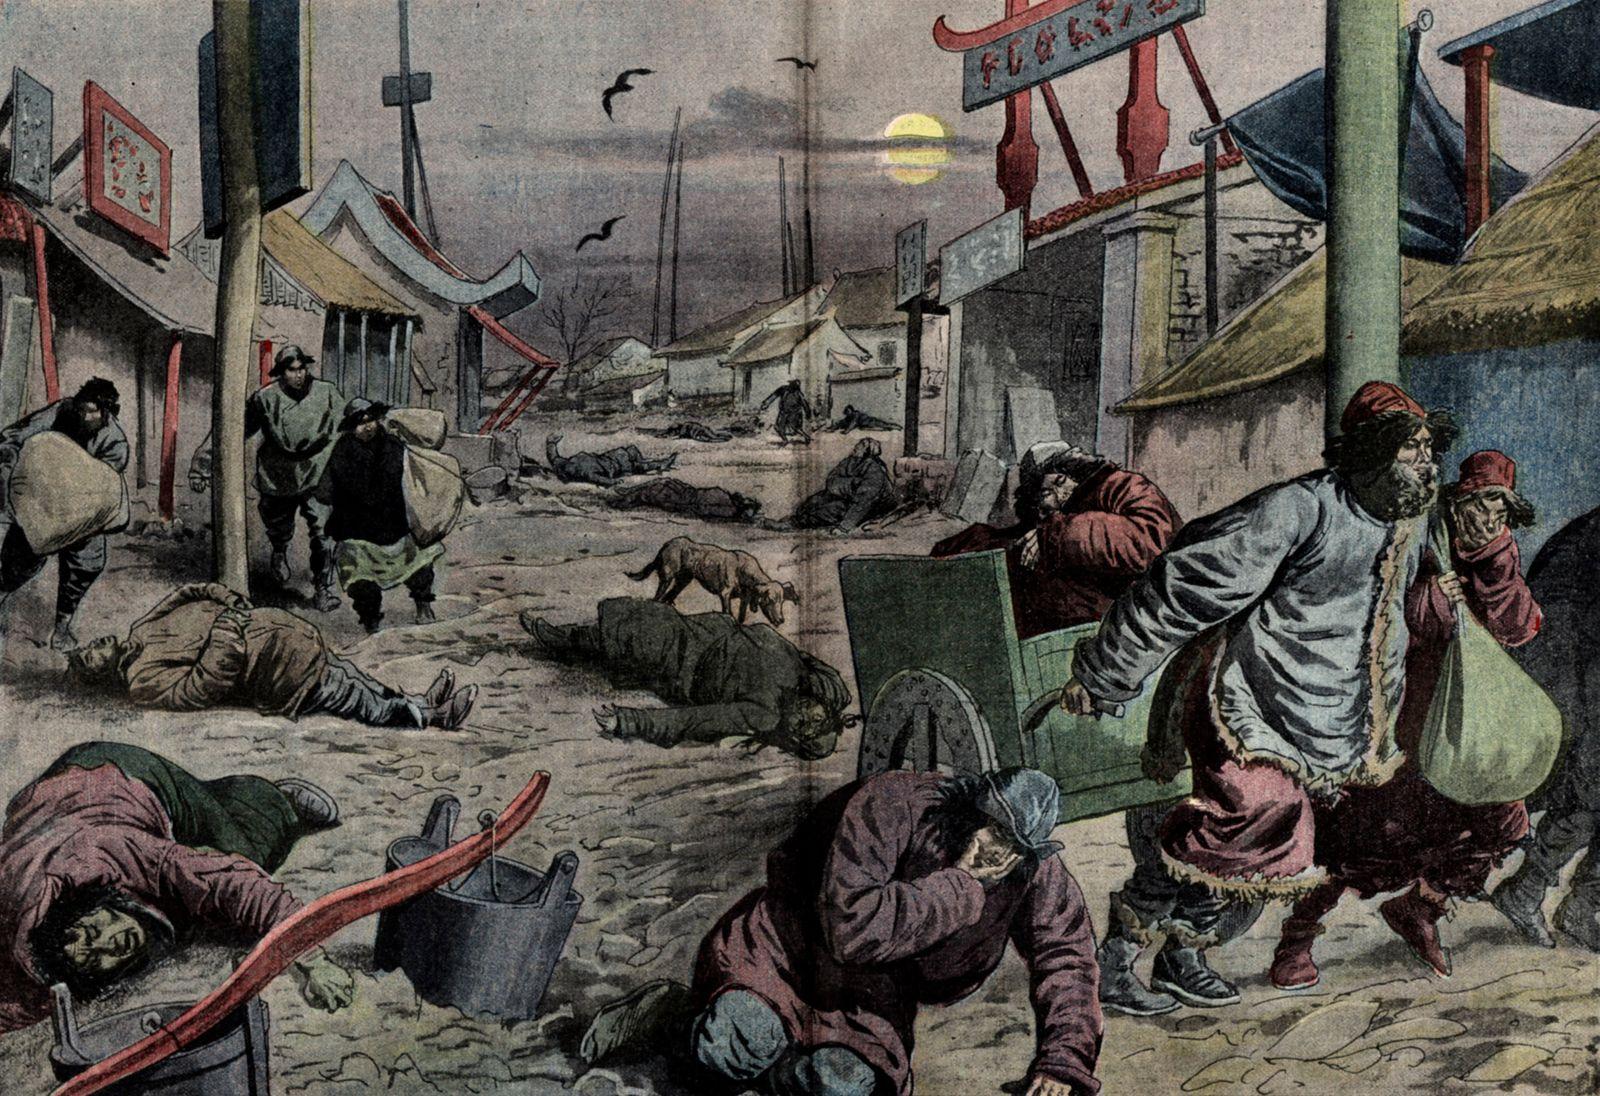 PESTE annees 10 Les horreurs de la peste en Mandchourie : les habitants valides fuient affoles, abandonnant les cadavres